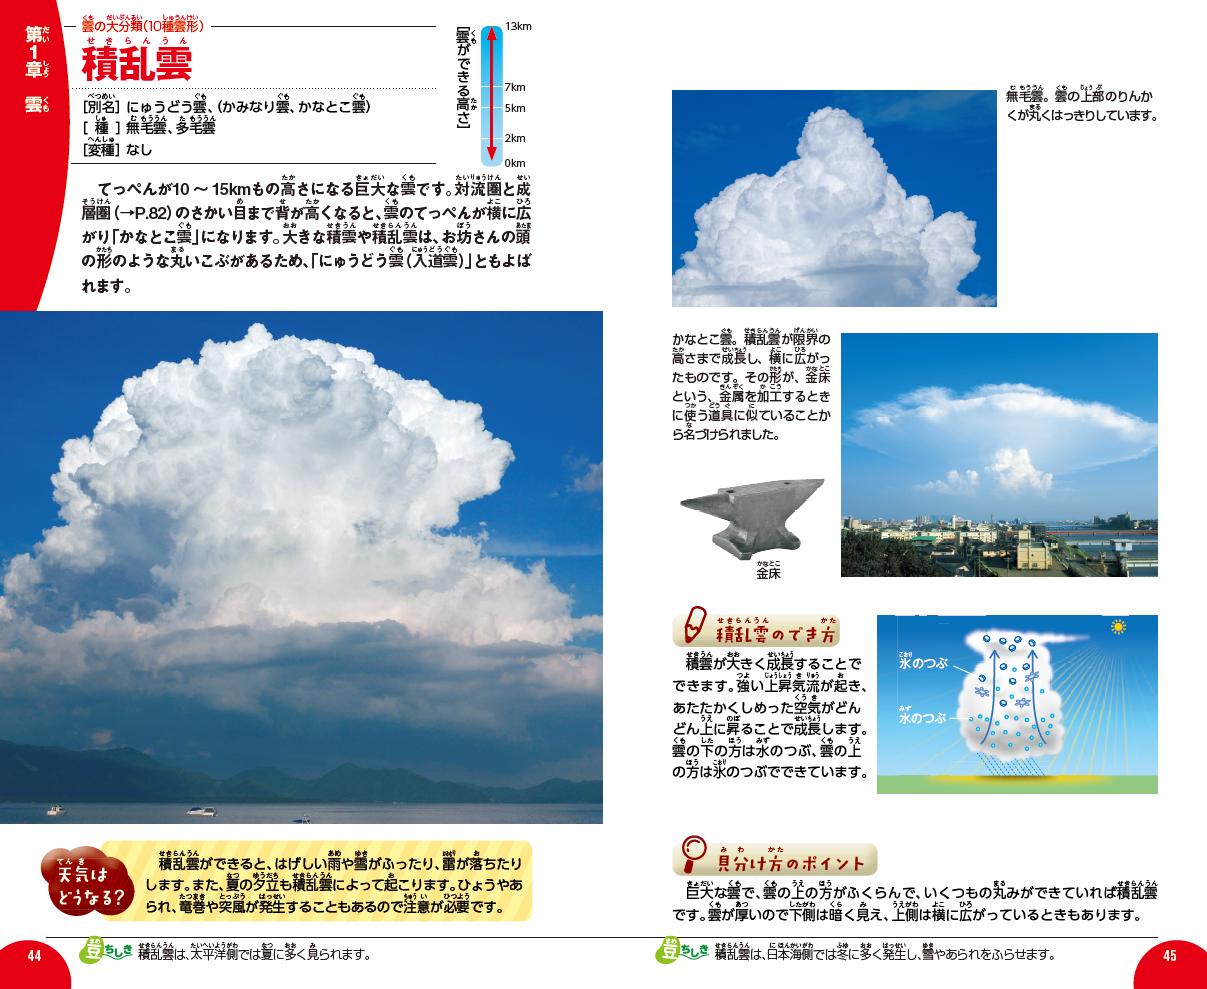 「積乱雲」紙面